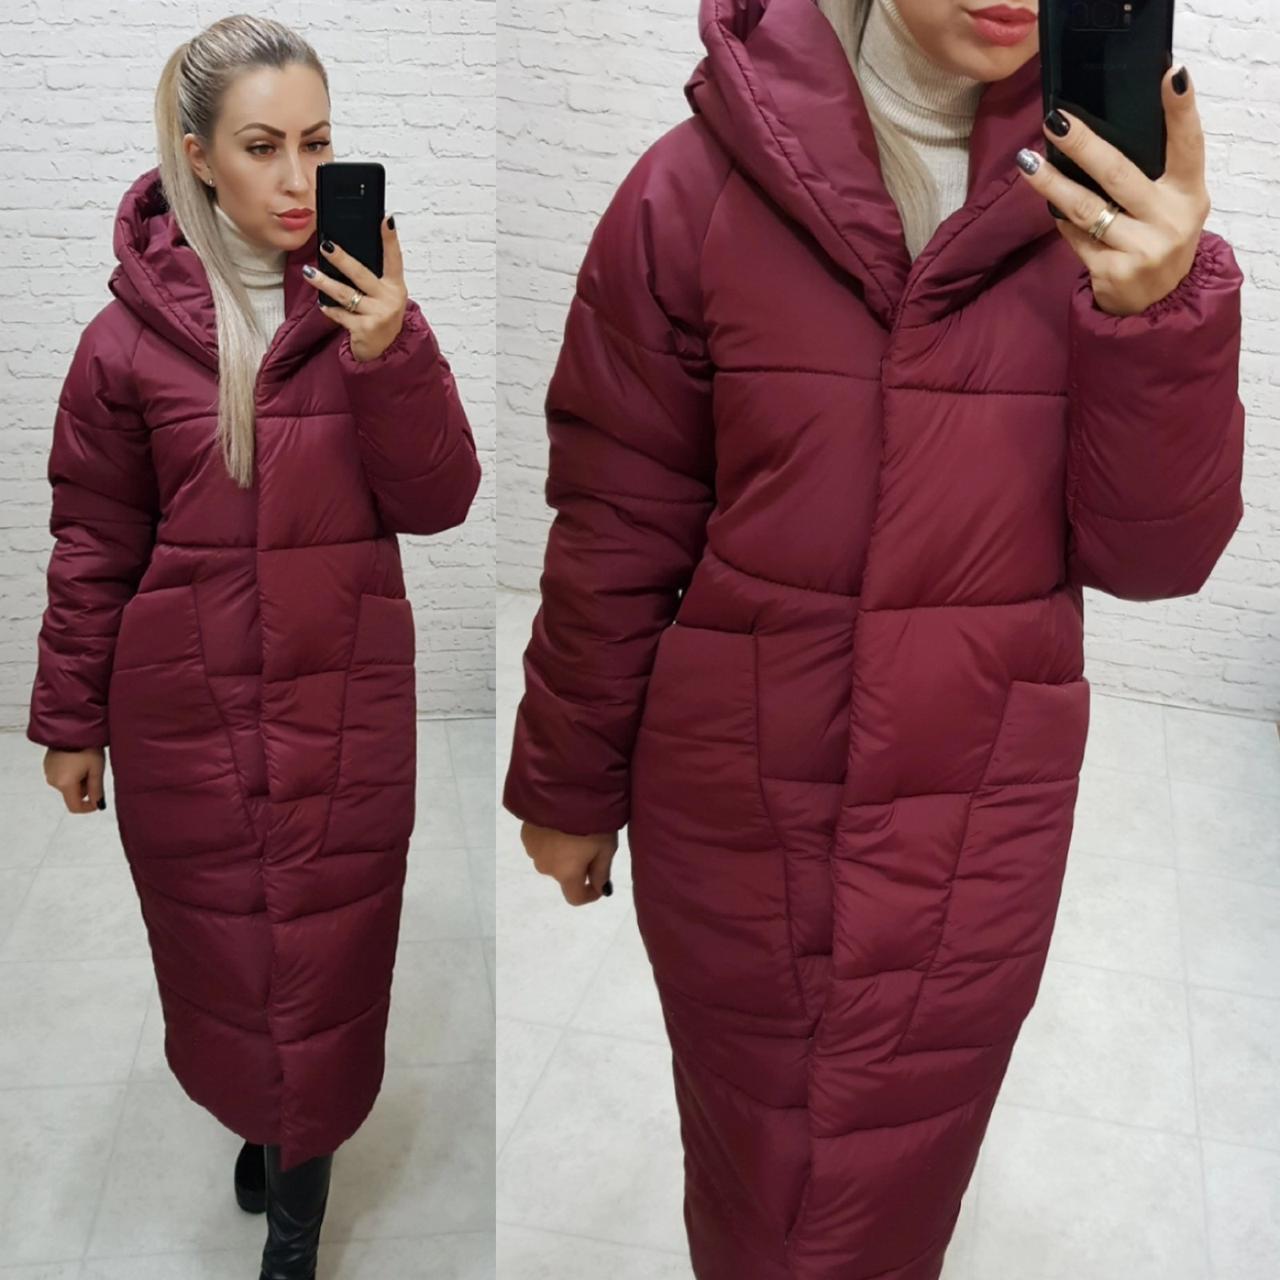 Пальто курка кокон Oversize зимова, артикул 500, колір матовий бордовий